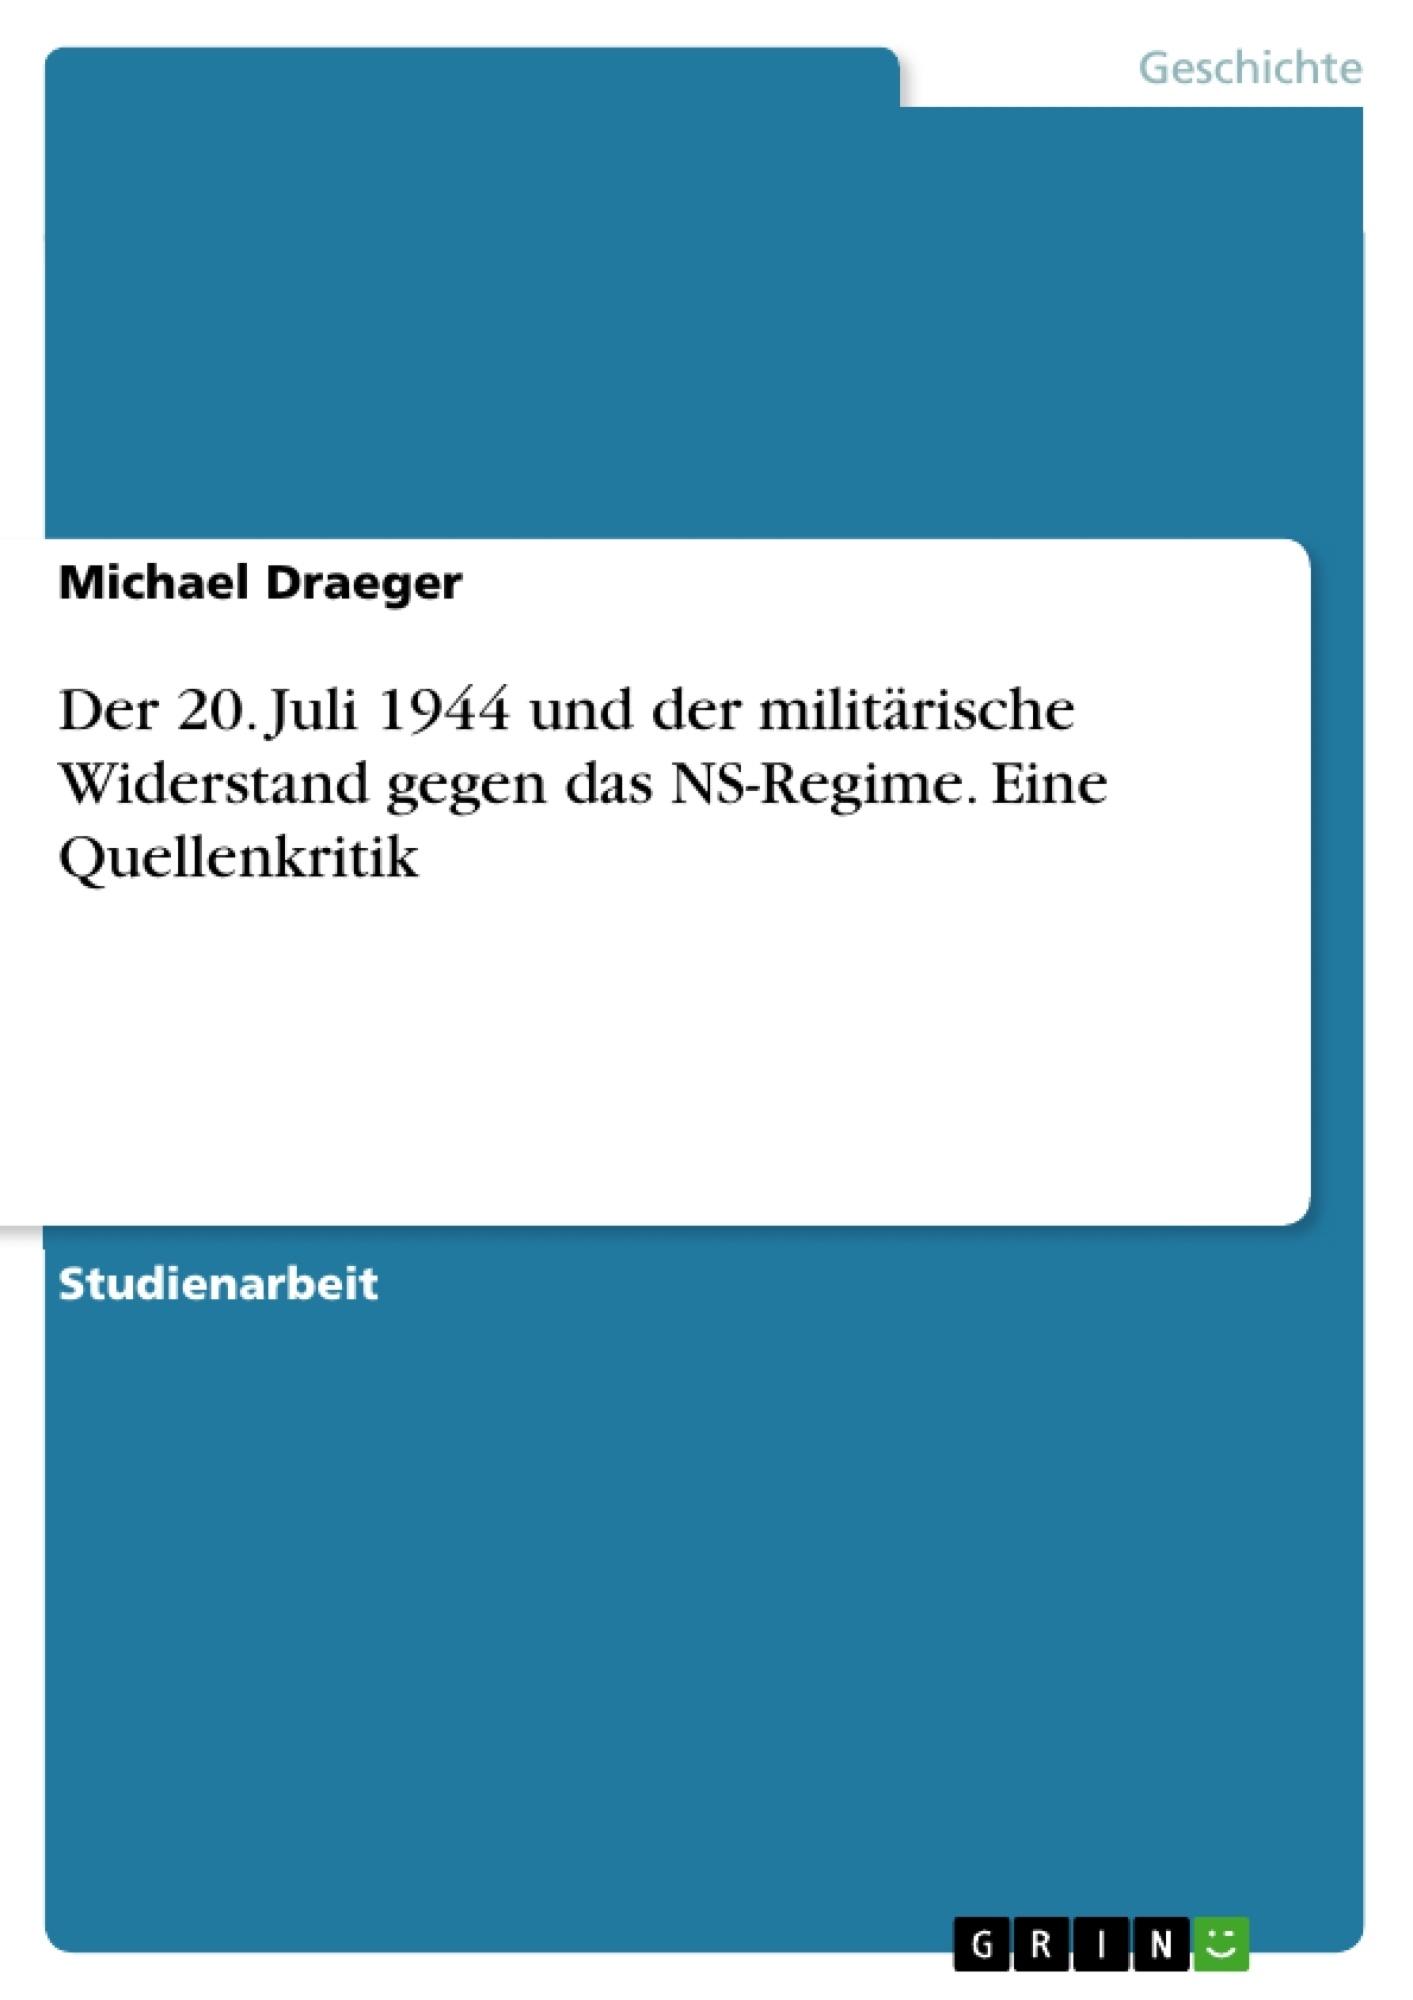 Titel: Der 20. Juli 1944 und der militärische Widerstand gegen das NS-Regime. Eine Quellenkritik